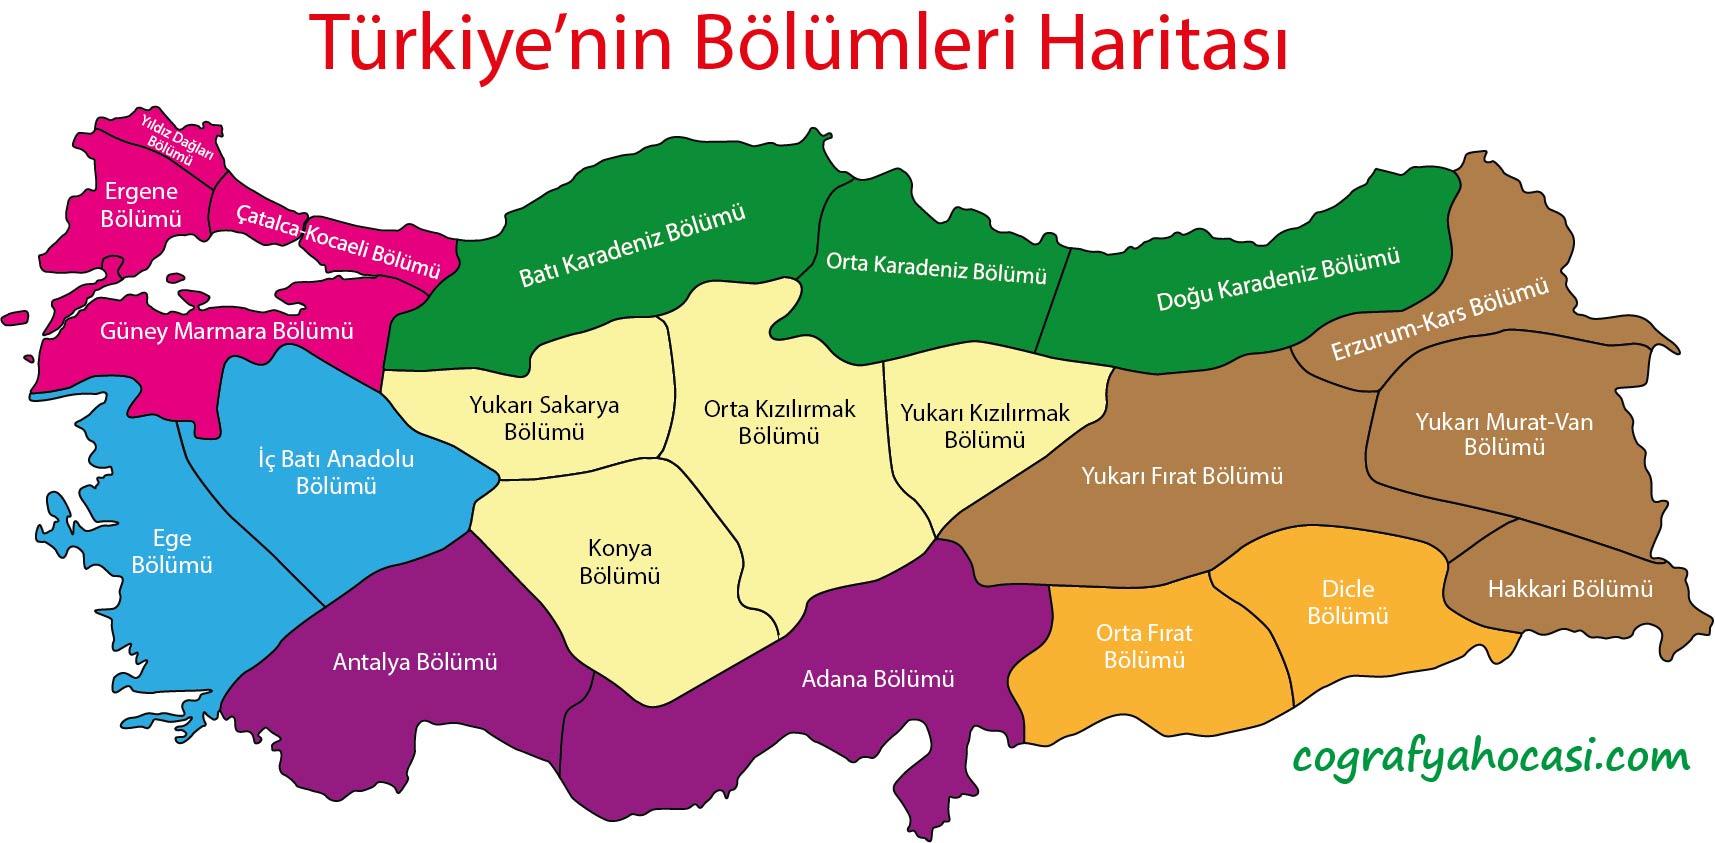 Türkiye'nin Bölümleri Haritası (Renkli)